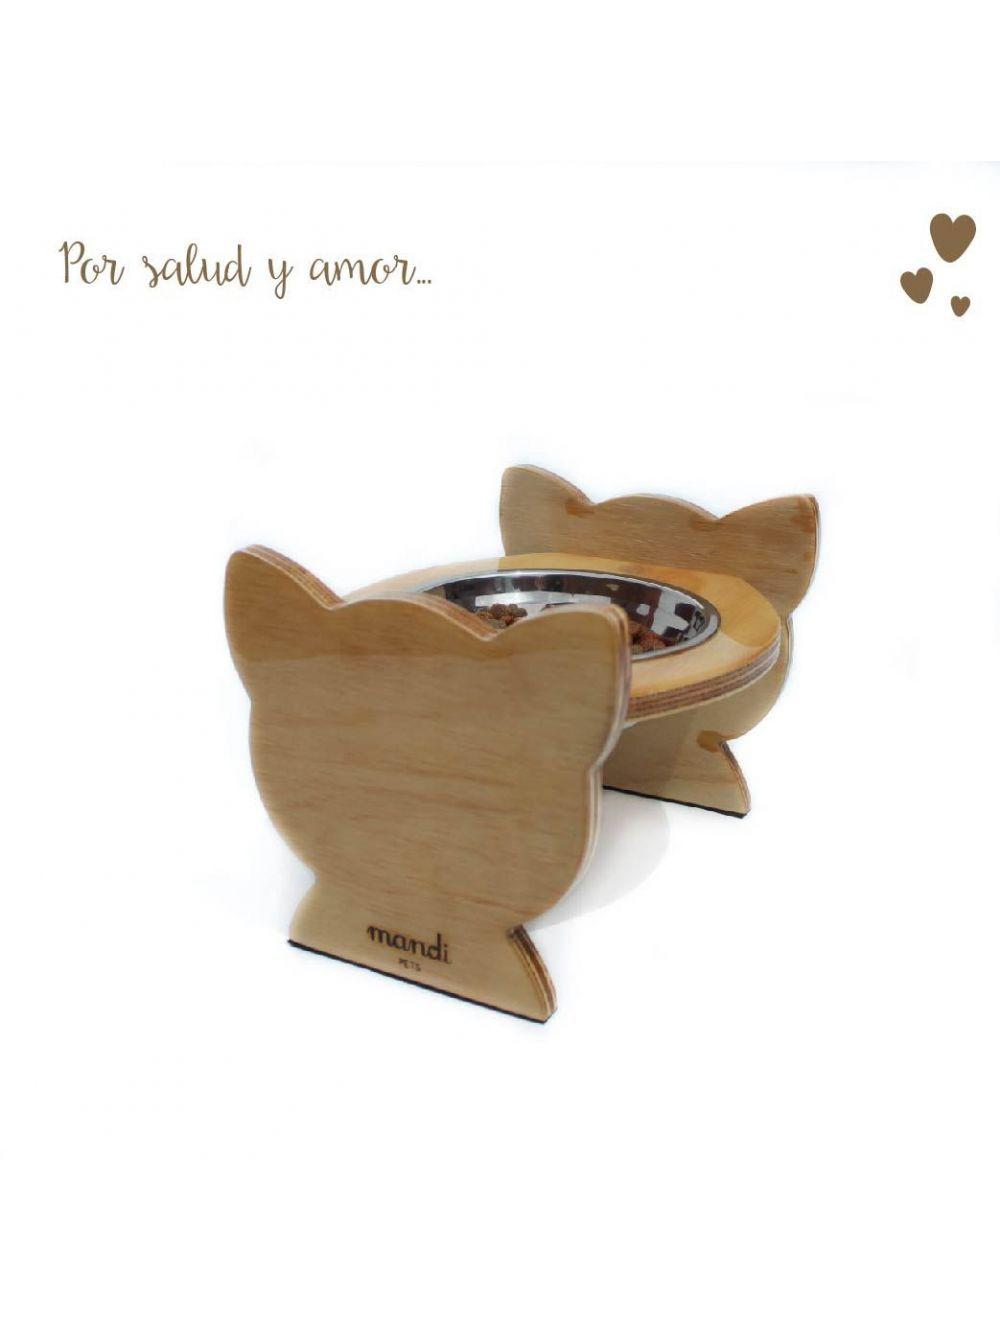 Comedero Bebedero Cat Wood Mandi Pets Elevado Sencillo  - Ciudaddemascotas.com